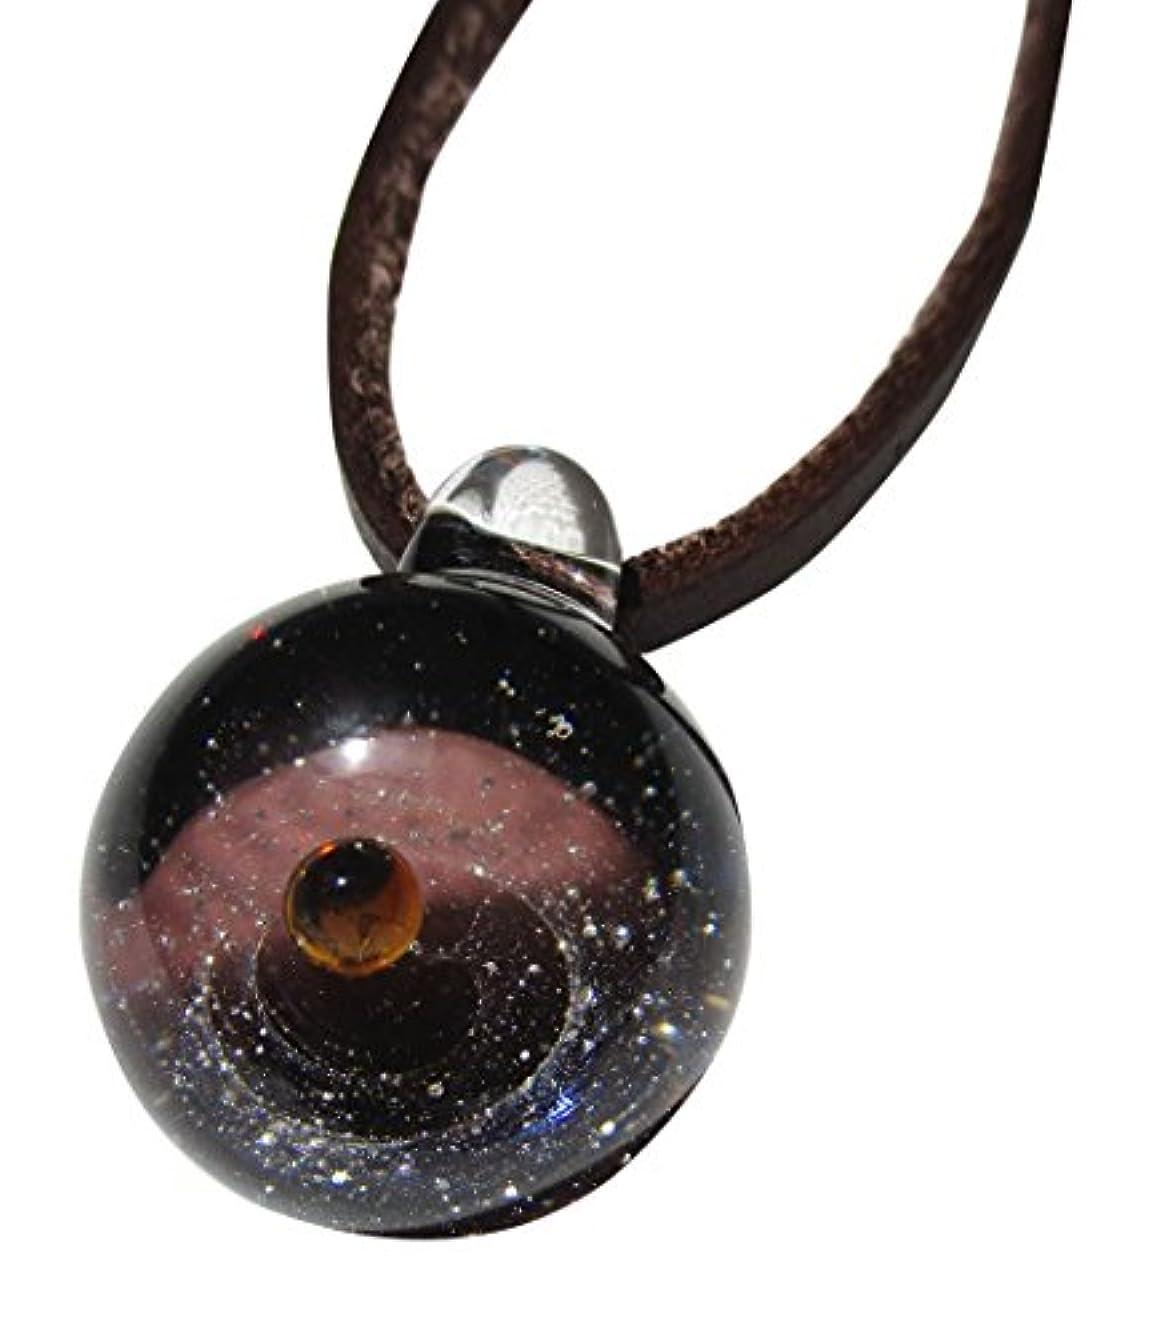 飽和する旅客ロータリー銀河ガラス パープル ゴールドラウンド DW1191